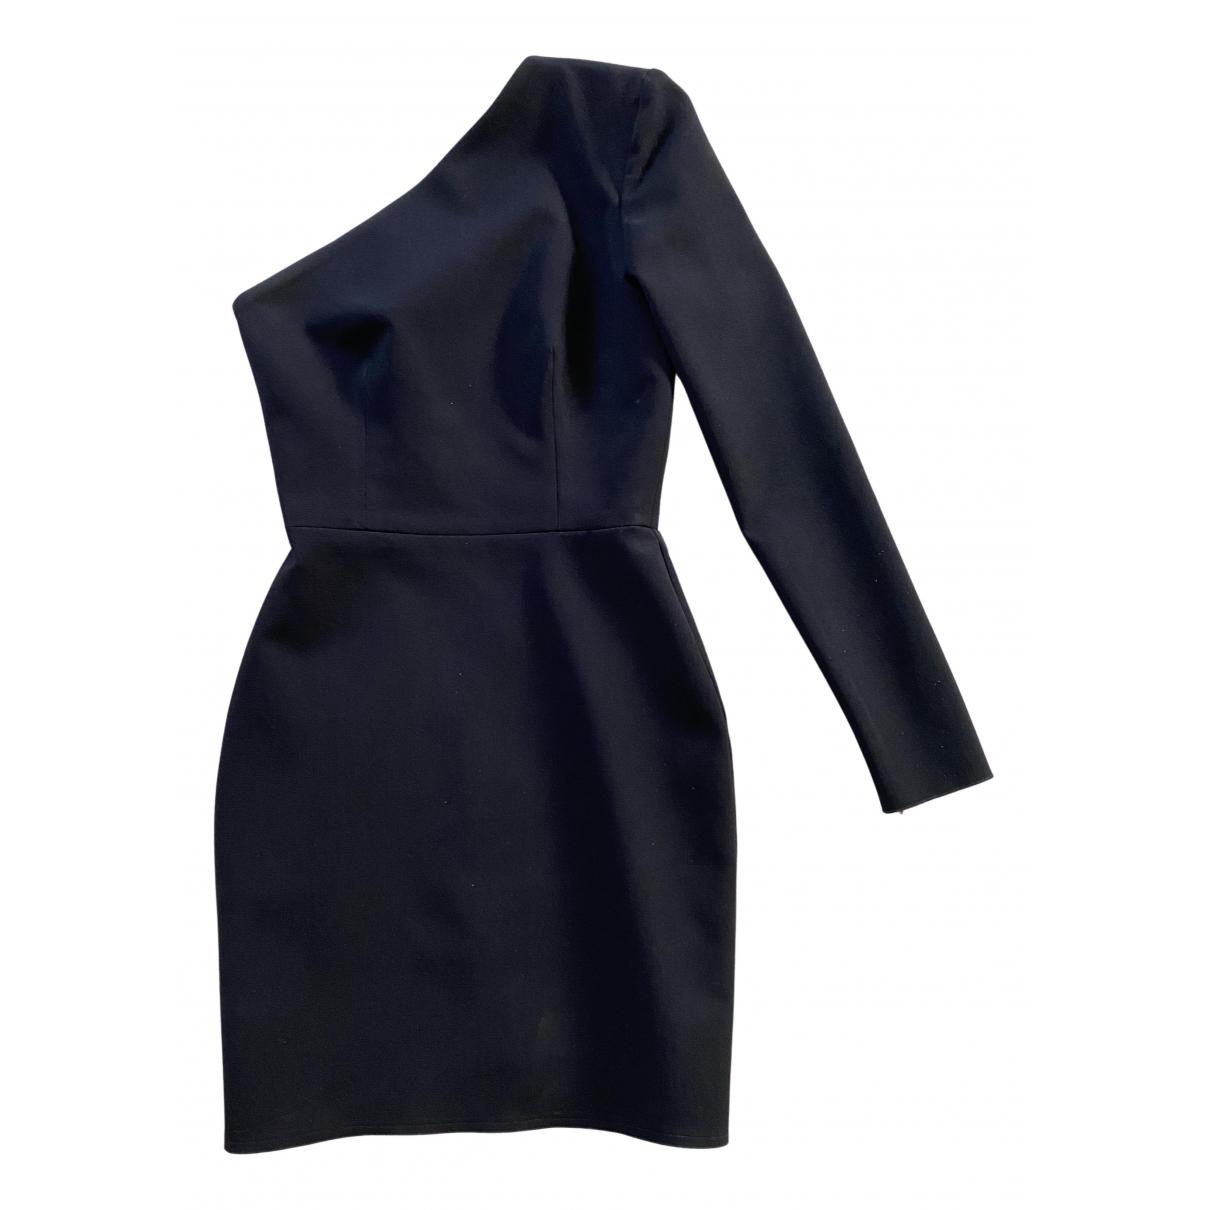 Alex Perry \N Kleid in  Schwarz Polyester